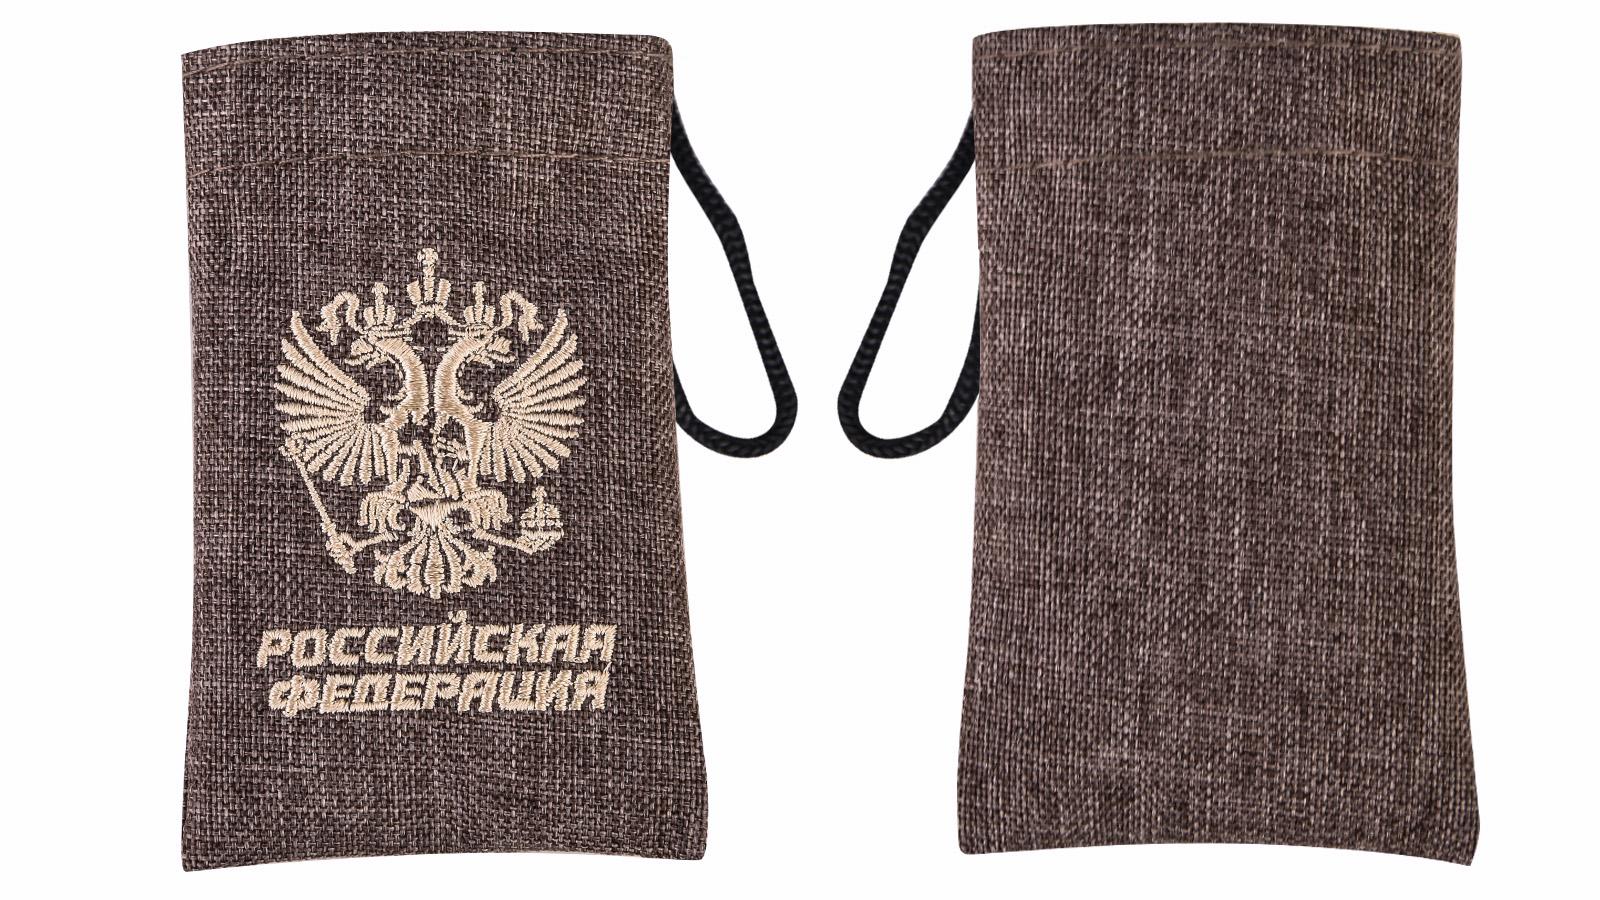 Эксклюзивный набор для похода в чехле с гербом России. Нож, вилка, ложка, 2 открывашки